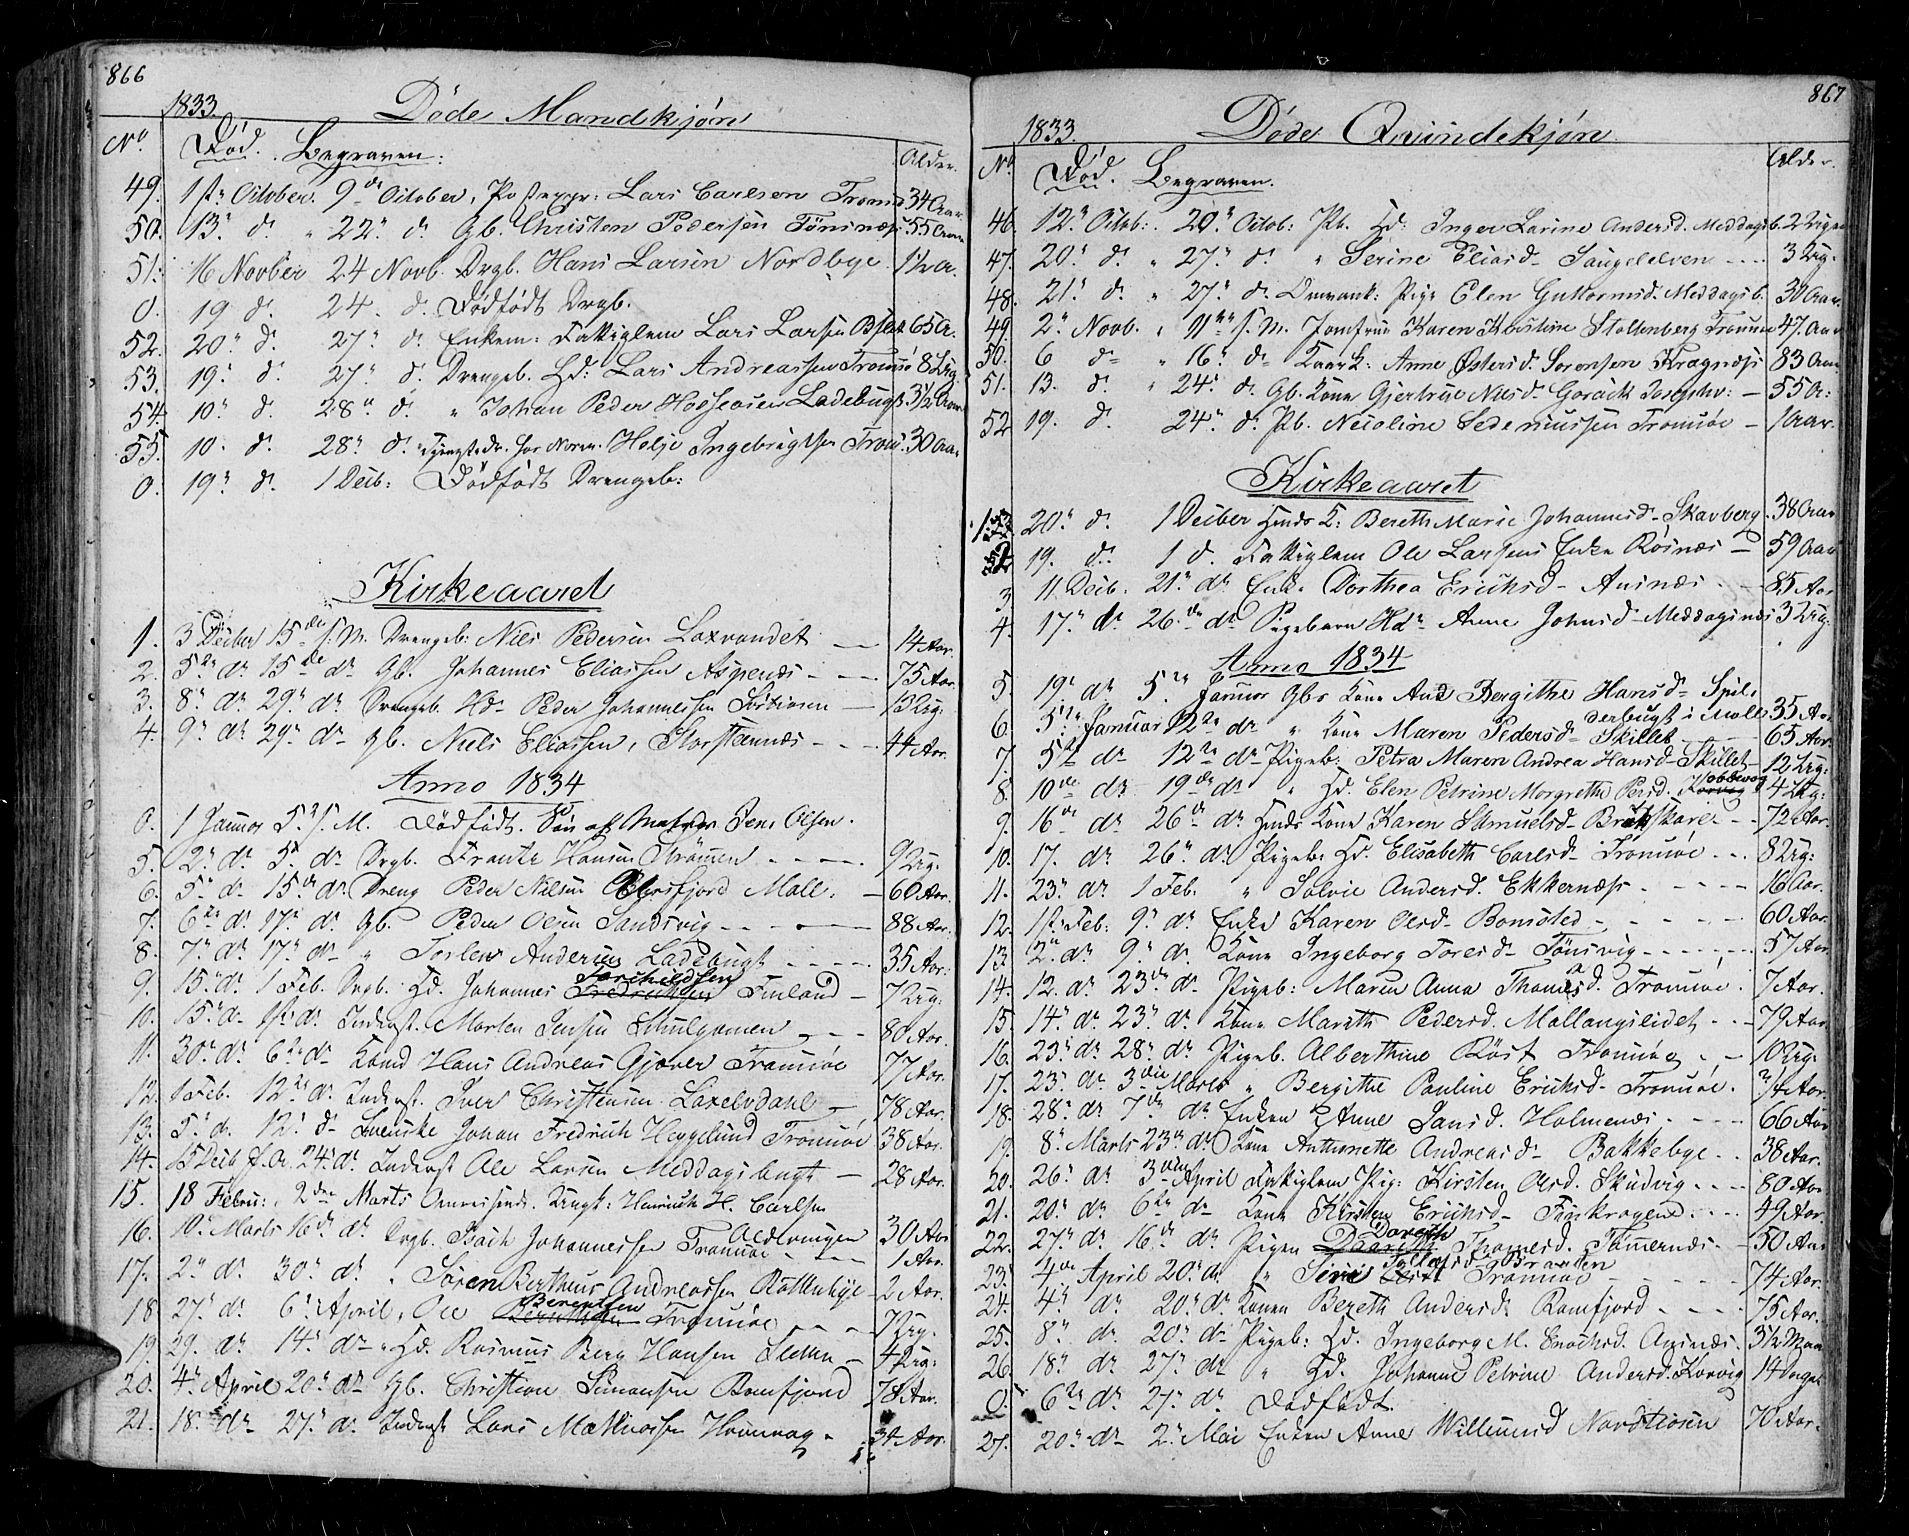 SATØ, Tromsø sokneprestkontor/stiftsprosti/domprosti, G/Ga/L0008kirke: Ministerialbok nr. 8, 1829-1837, s. 866-867